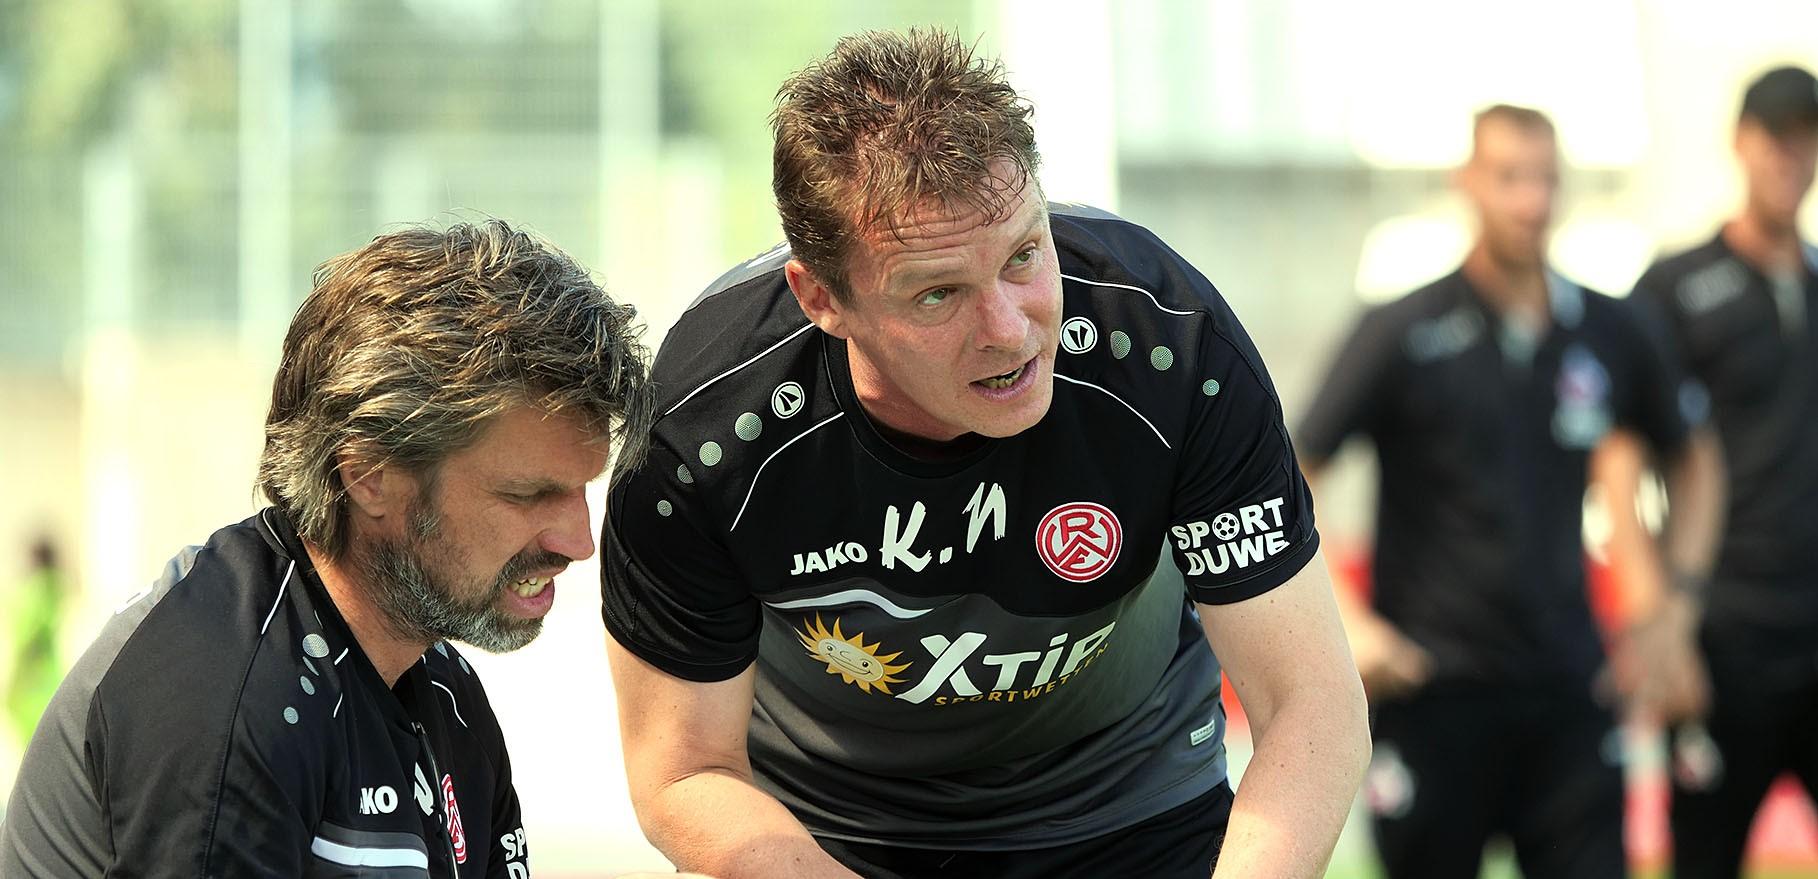 Chef-Trainer Karsten Neitzel vor dem Duell mit RWO. (Foto: Gohl)